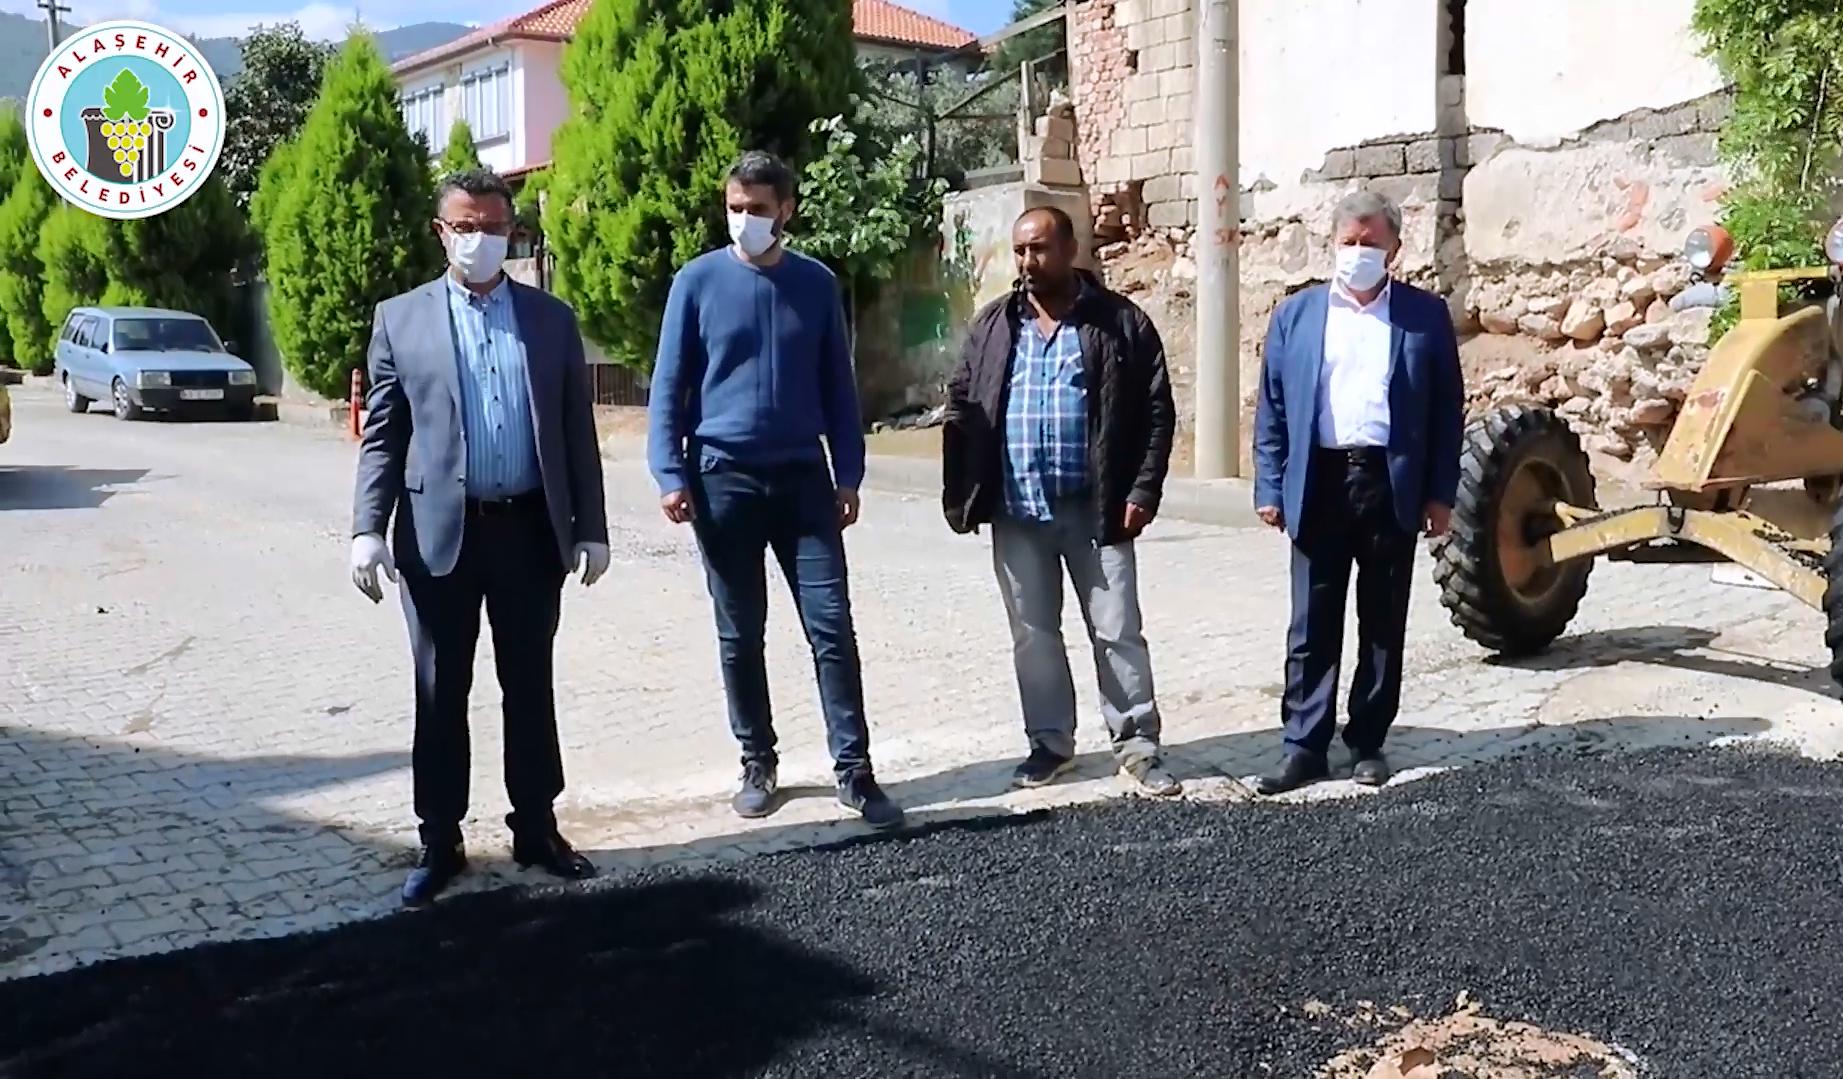 Şeyhsinan Mahallesi Hastane Arkası Sokaktaki Sıcak Asfalt Çalışması